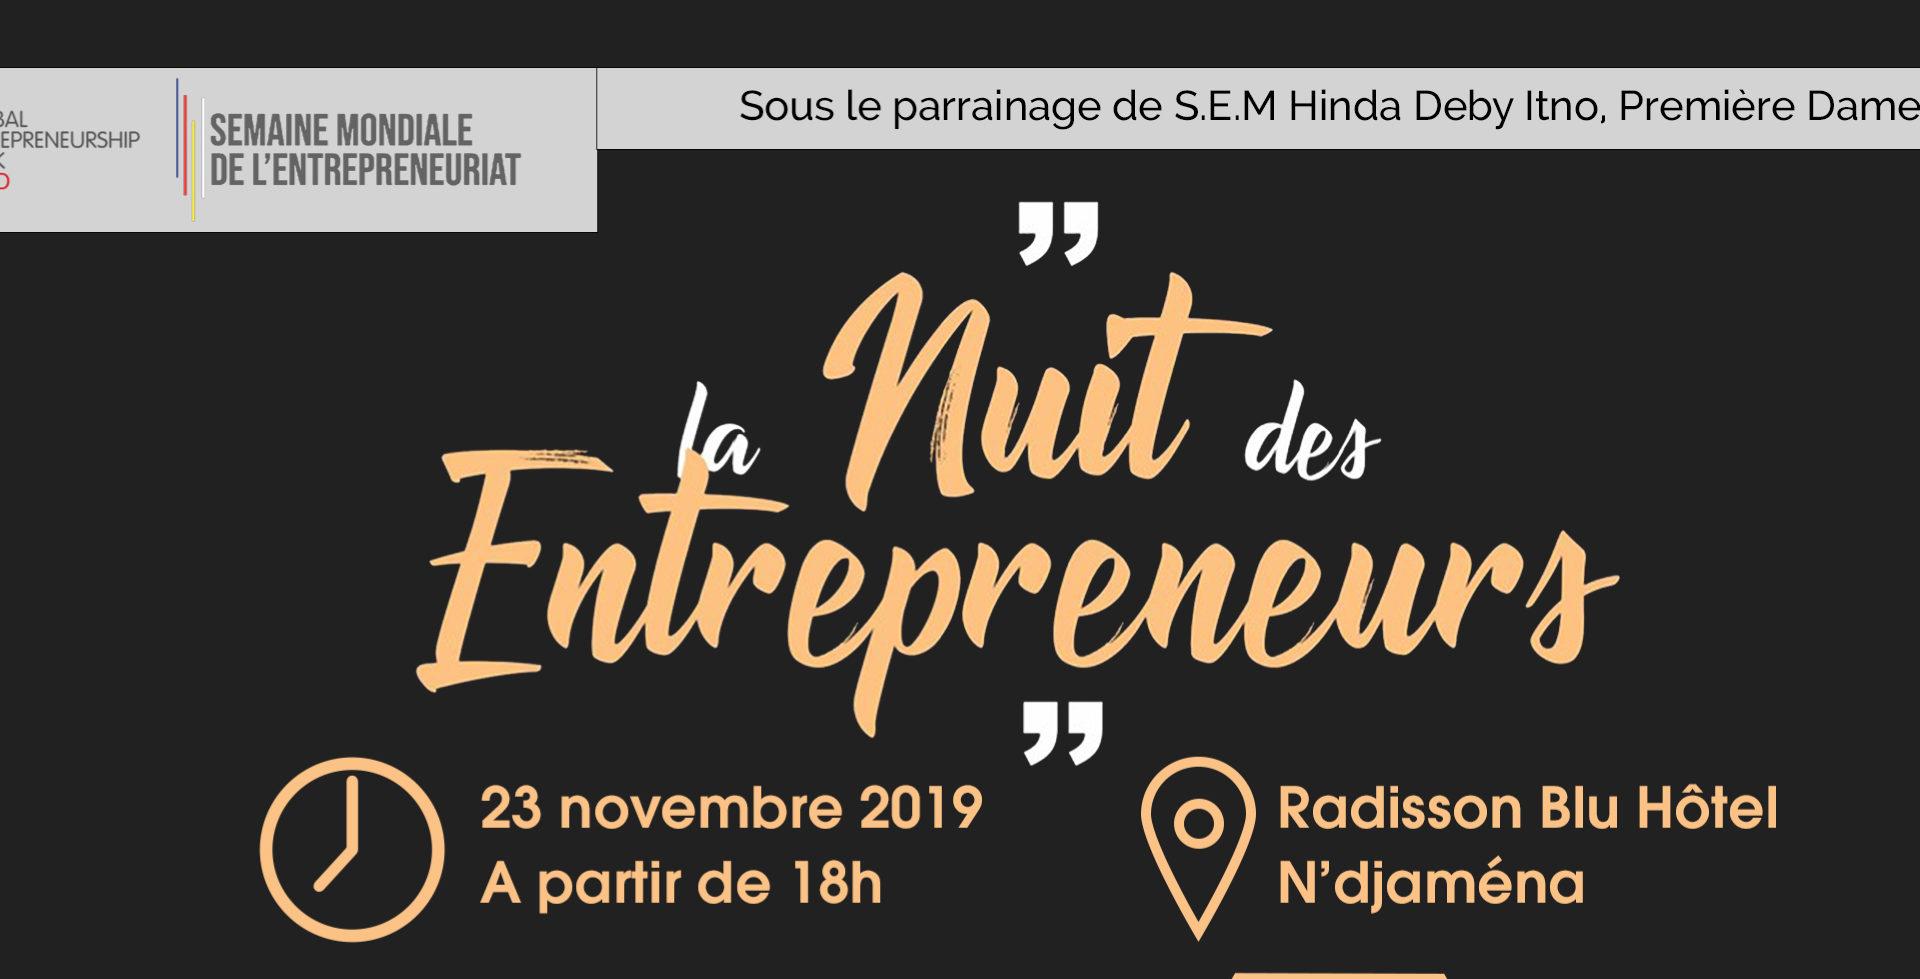 La nuit des entrepreneurs sera célébrée le 23 novembre 2019 1